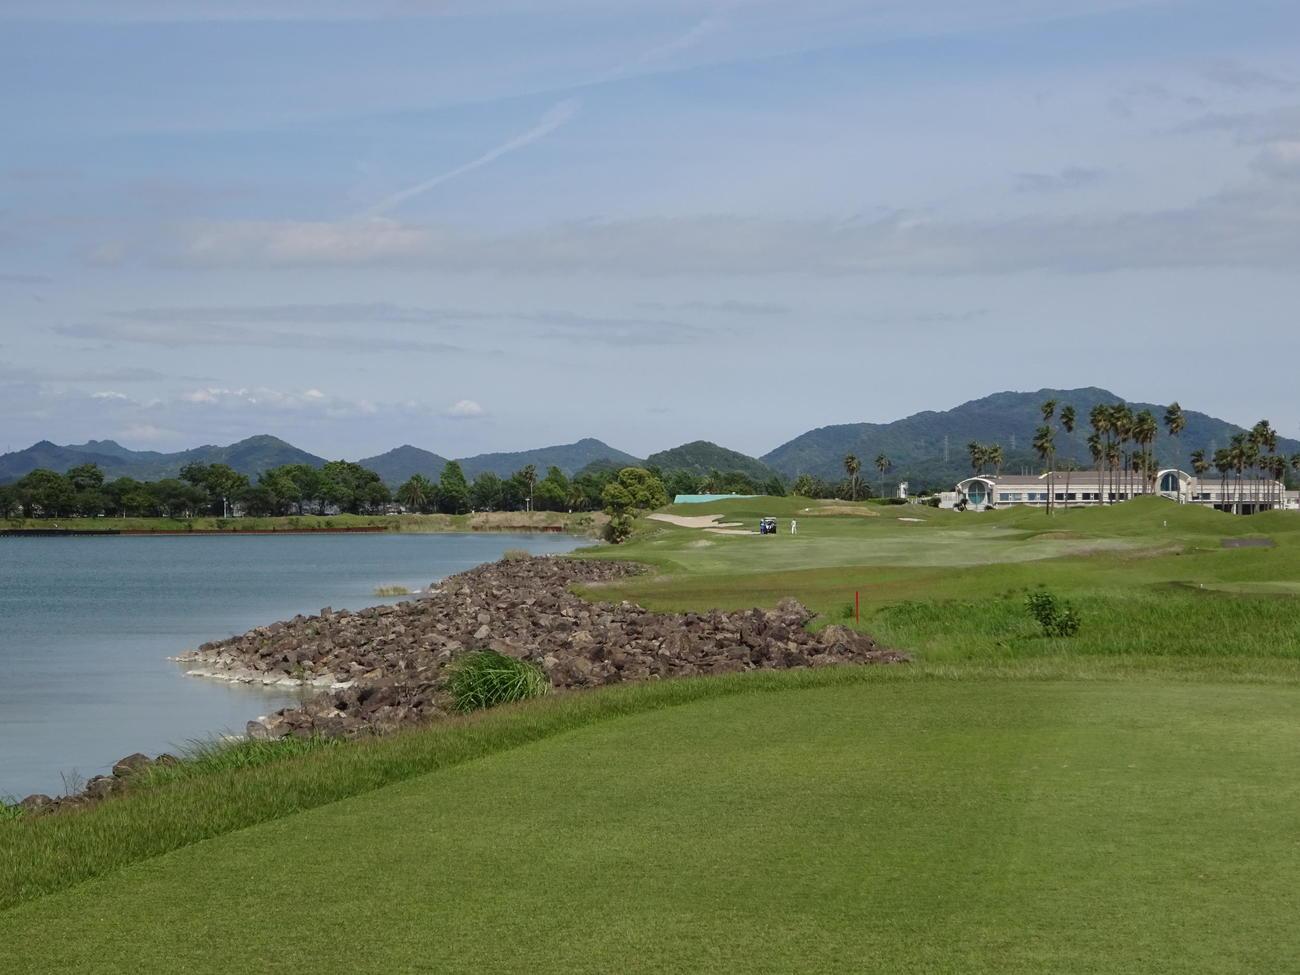 今年の日本女子プロ選手権開催コースの岡山・JFE瀬戸内海GC。最終18番パー5が予想されるホールは、左に池が広がる